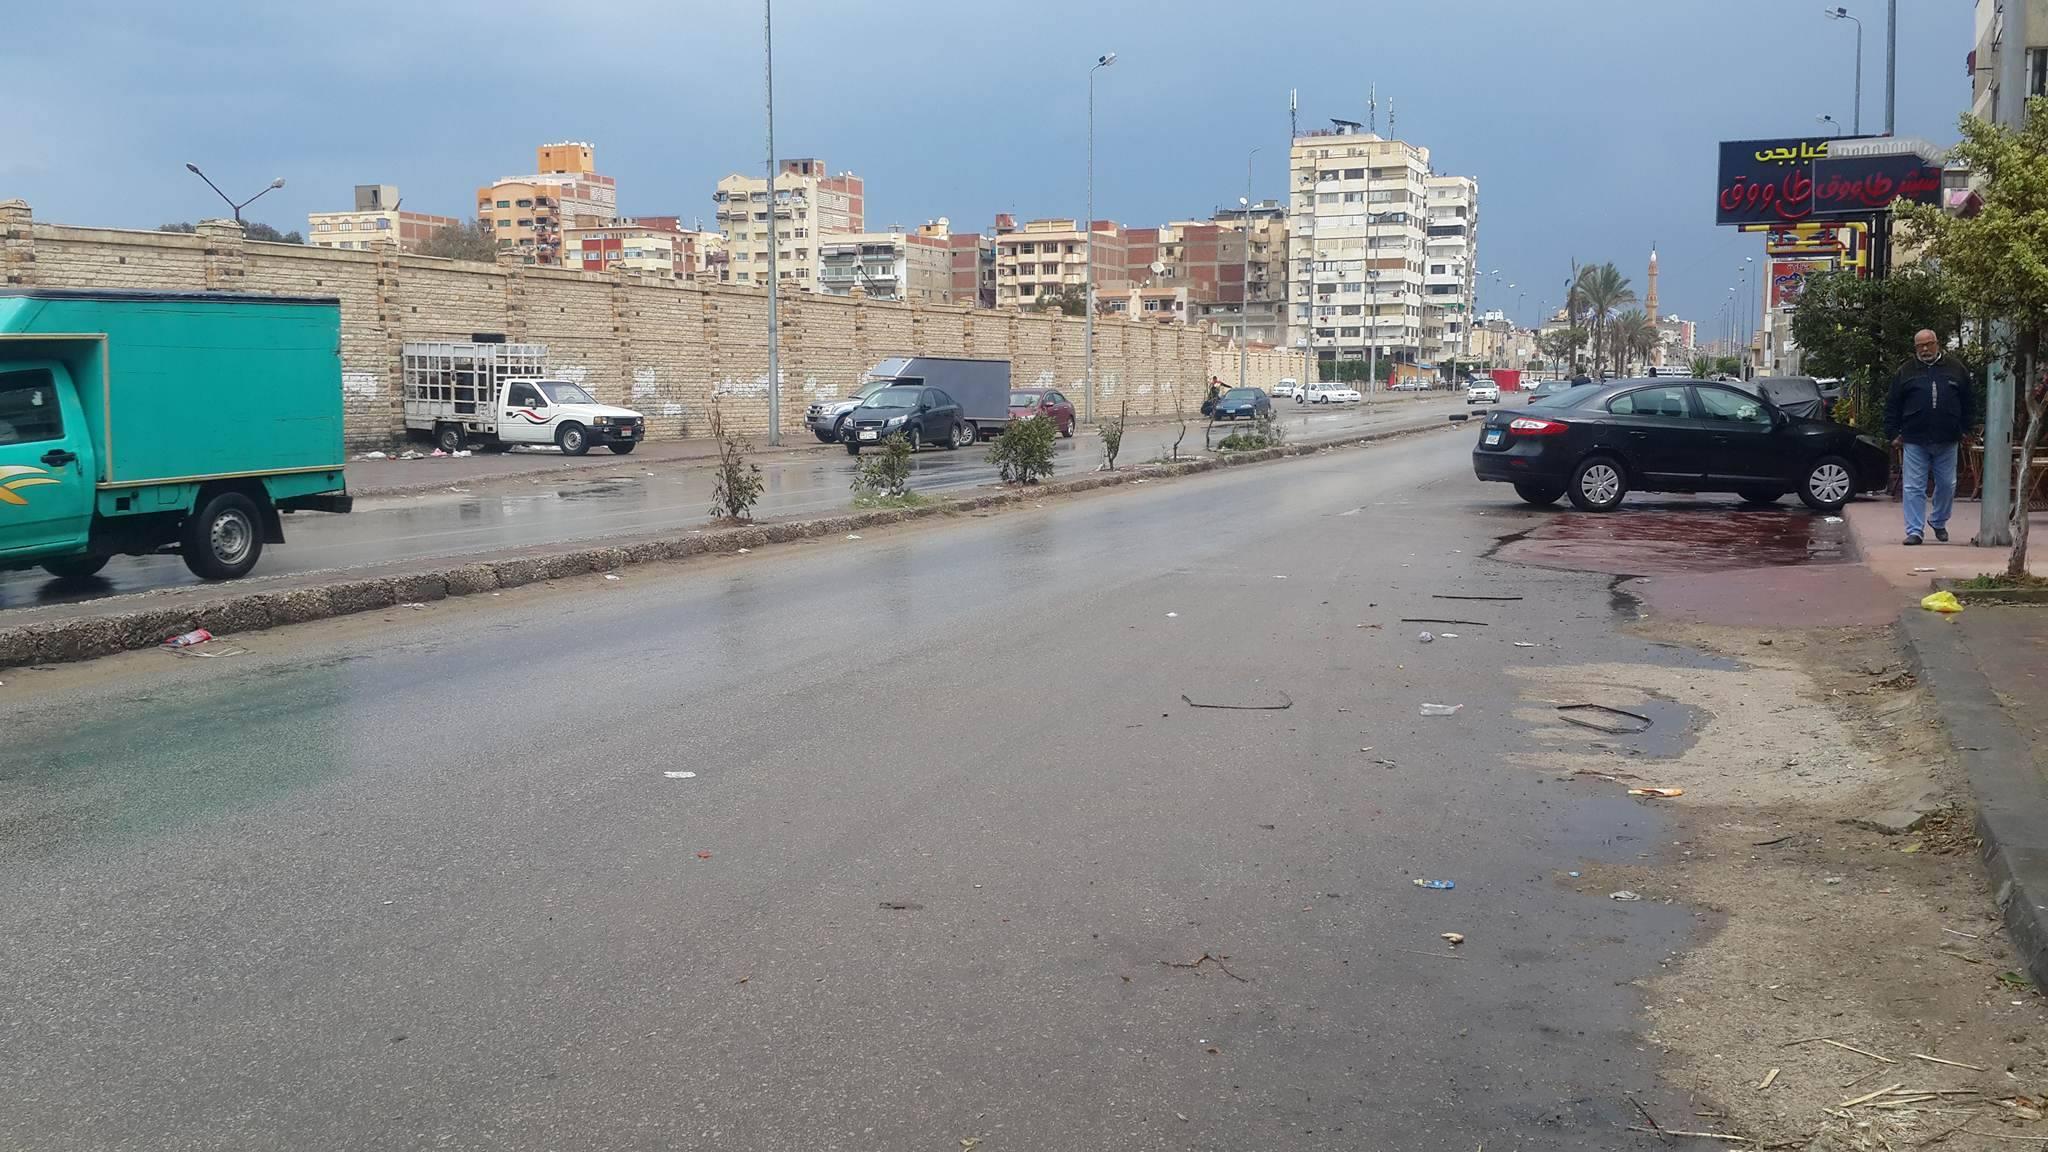 مظهر الشوارع عقب تساقط غزير للامطار